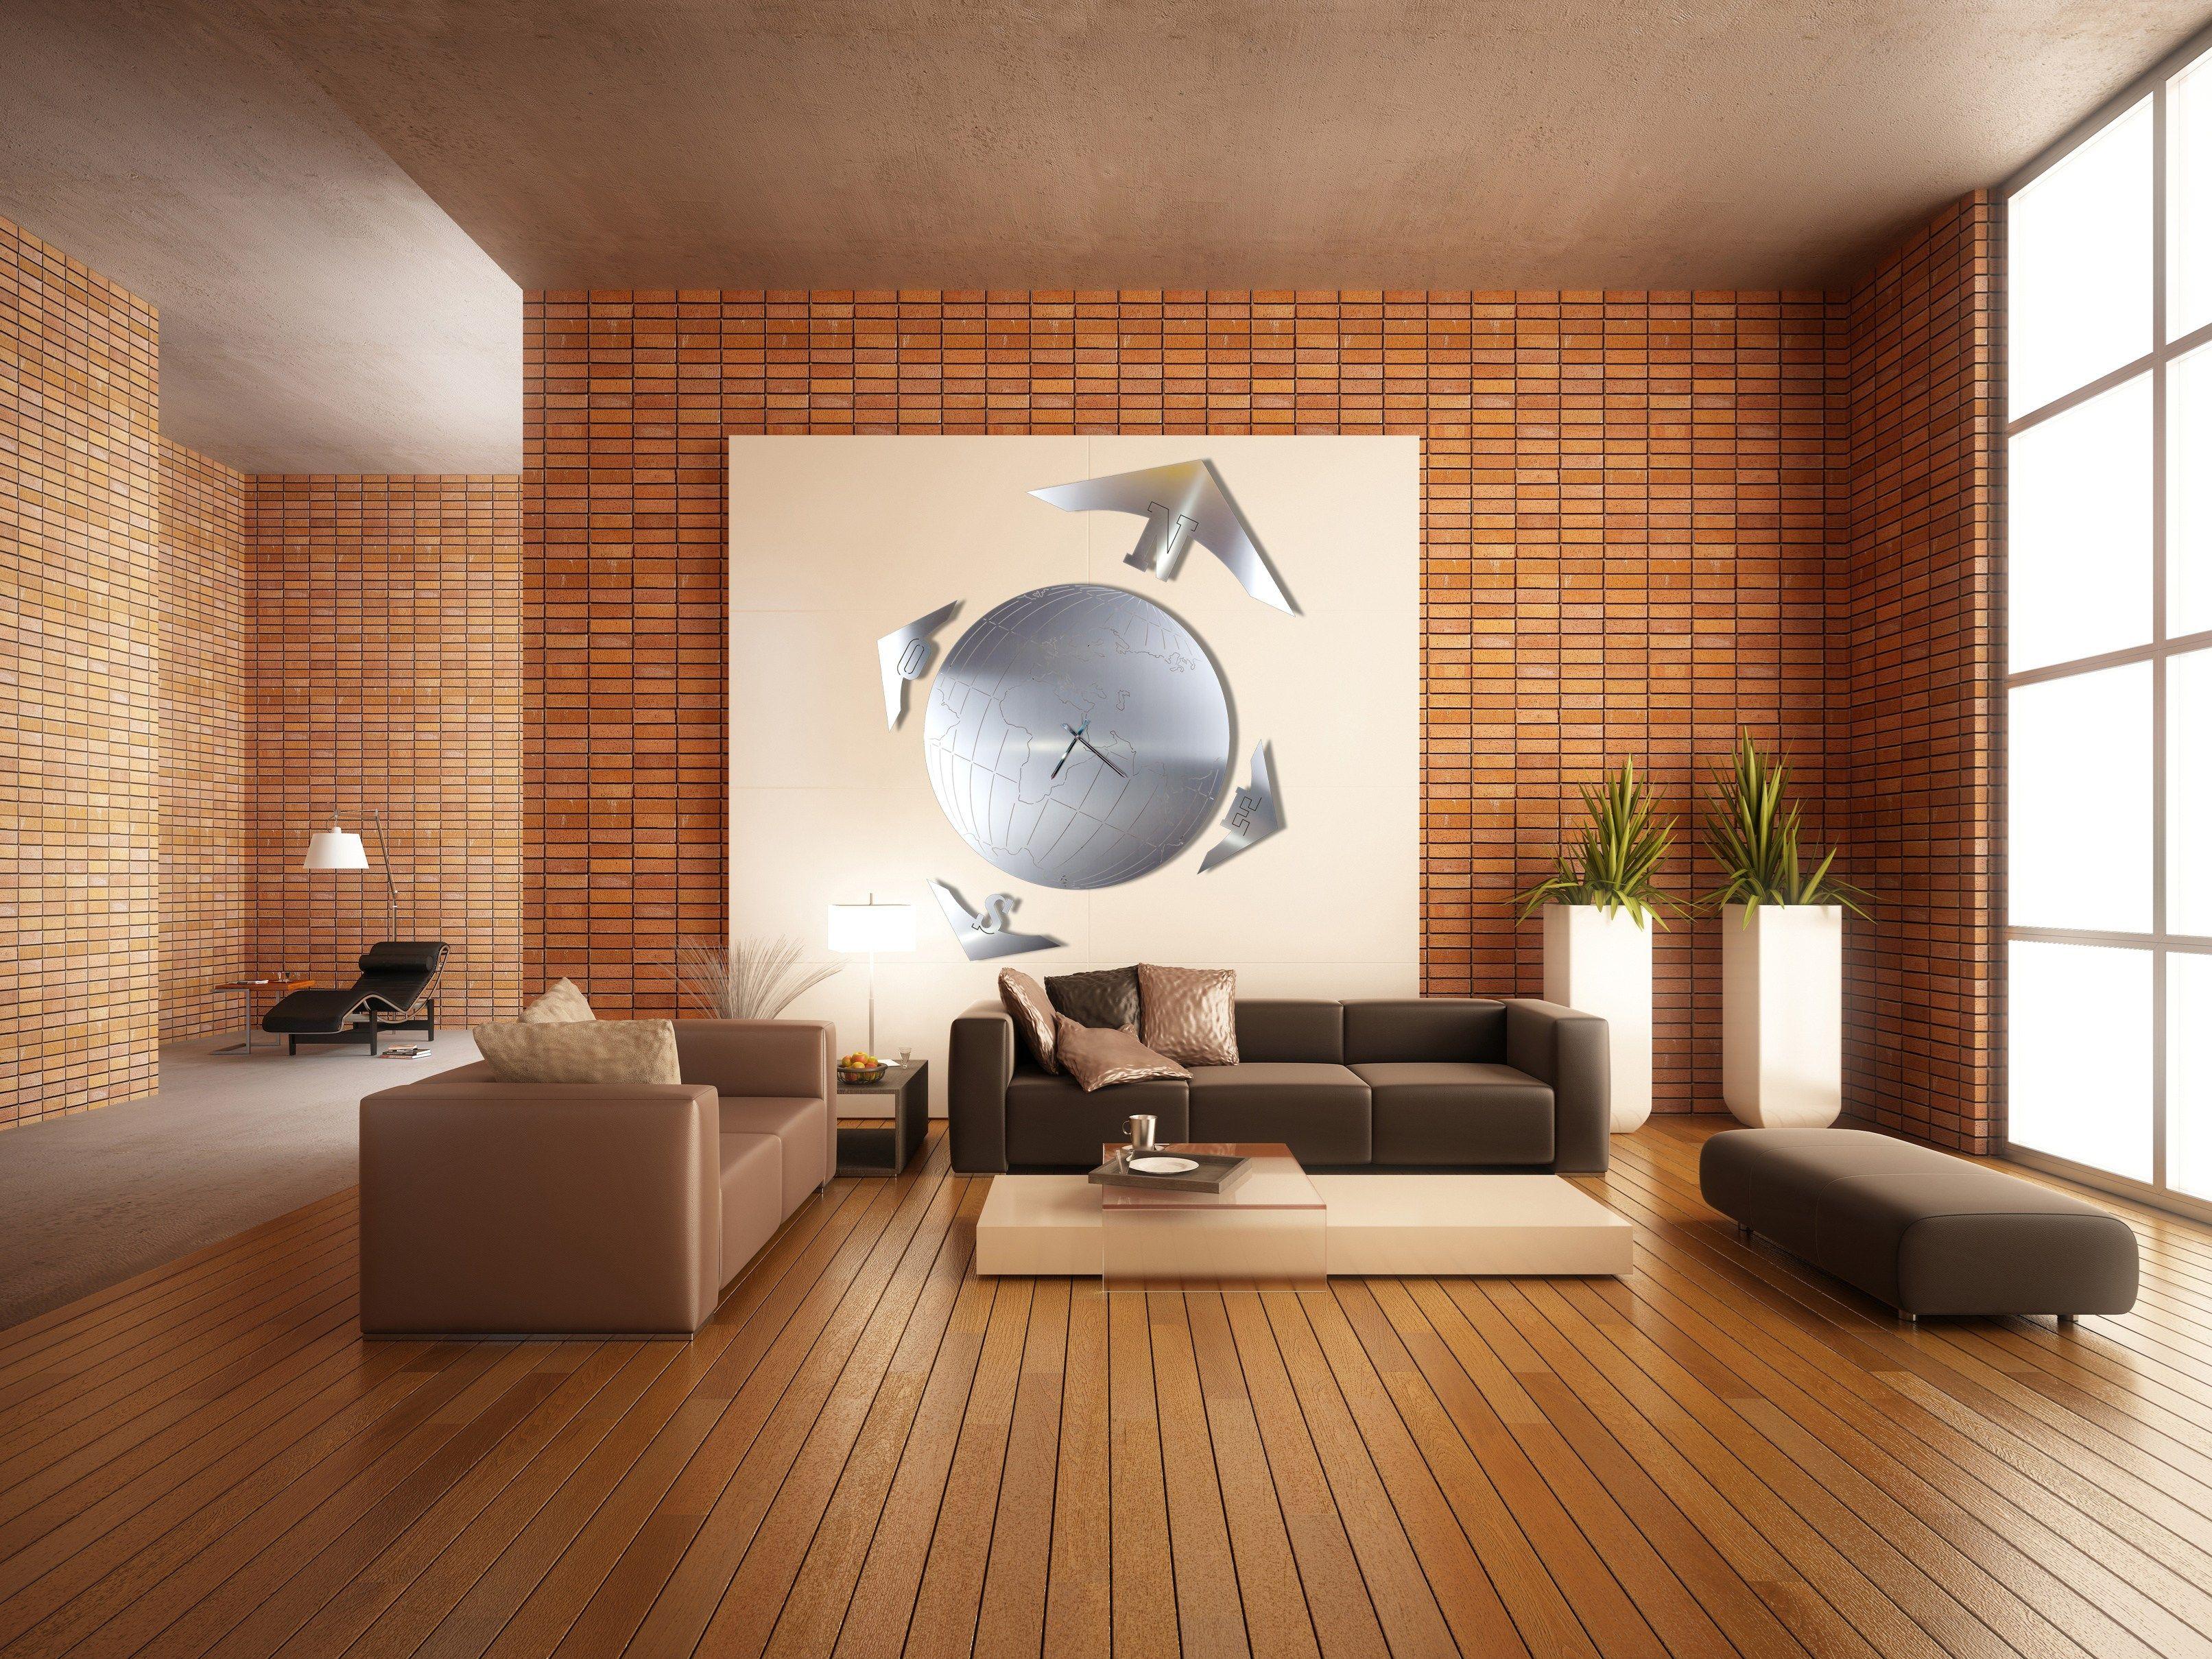 Orologi da parete per soggiorno with orologi da parete per soggiorno